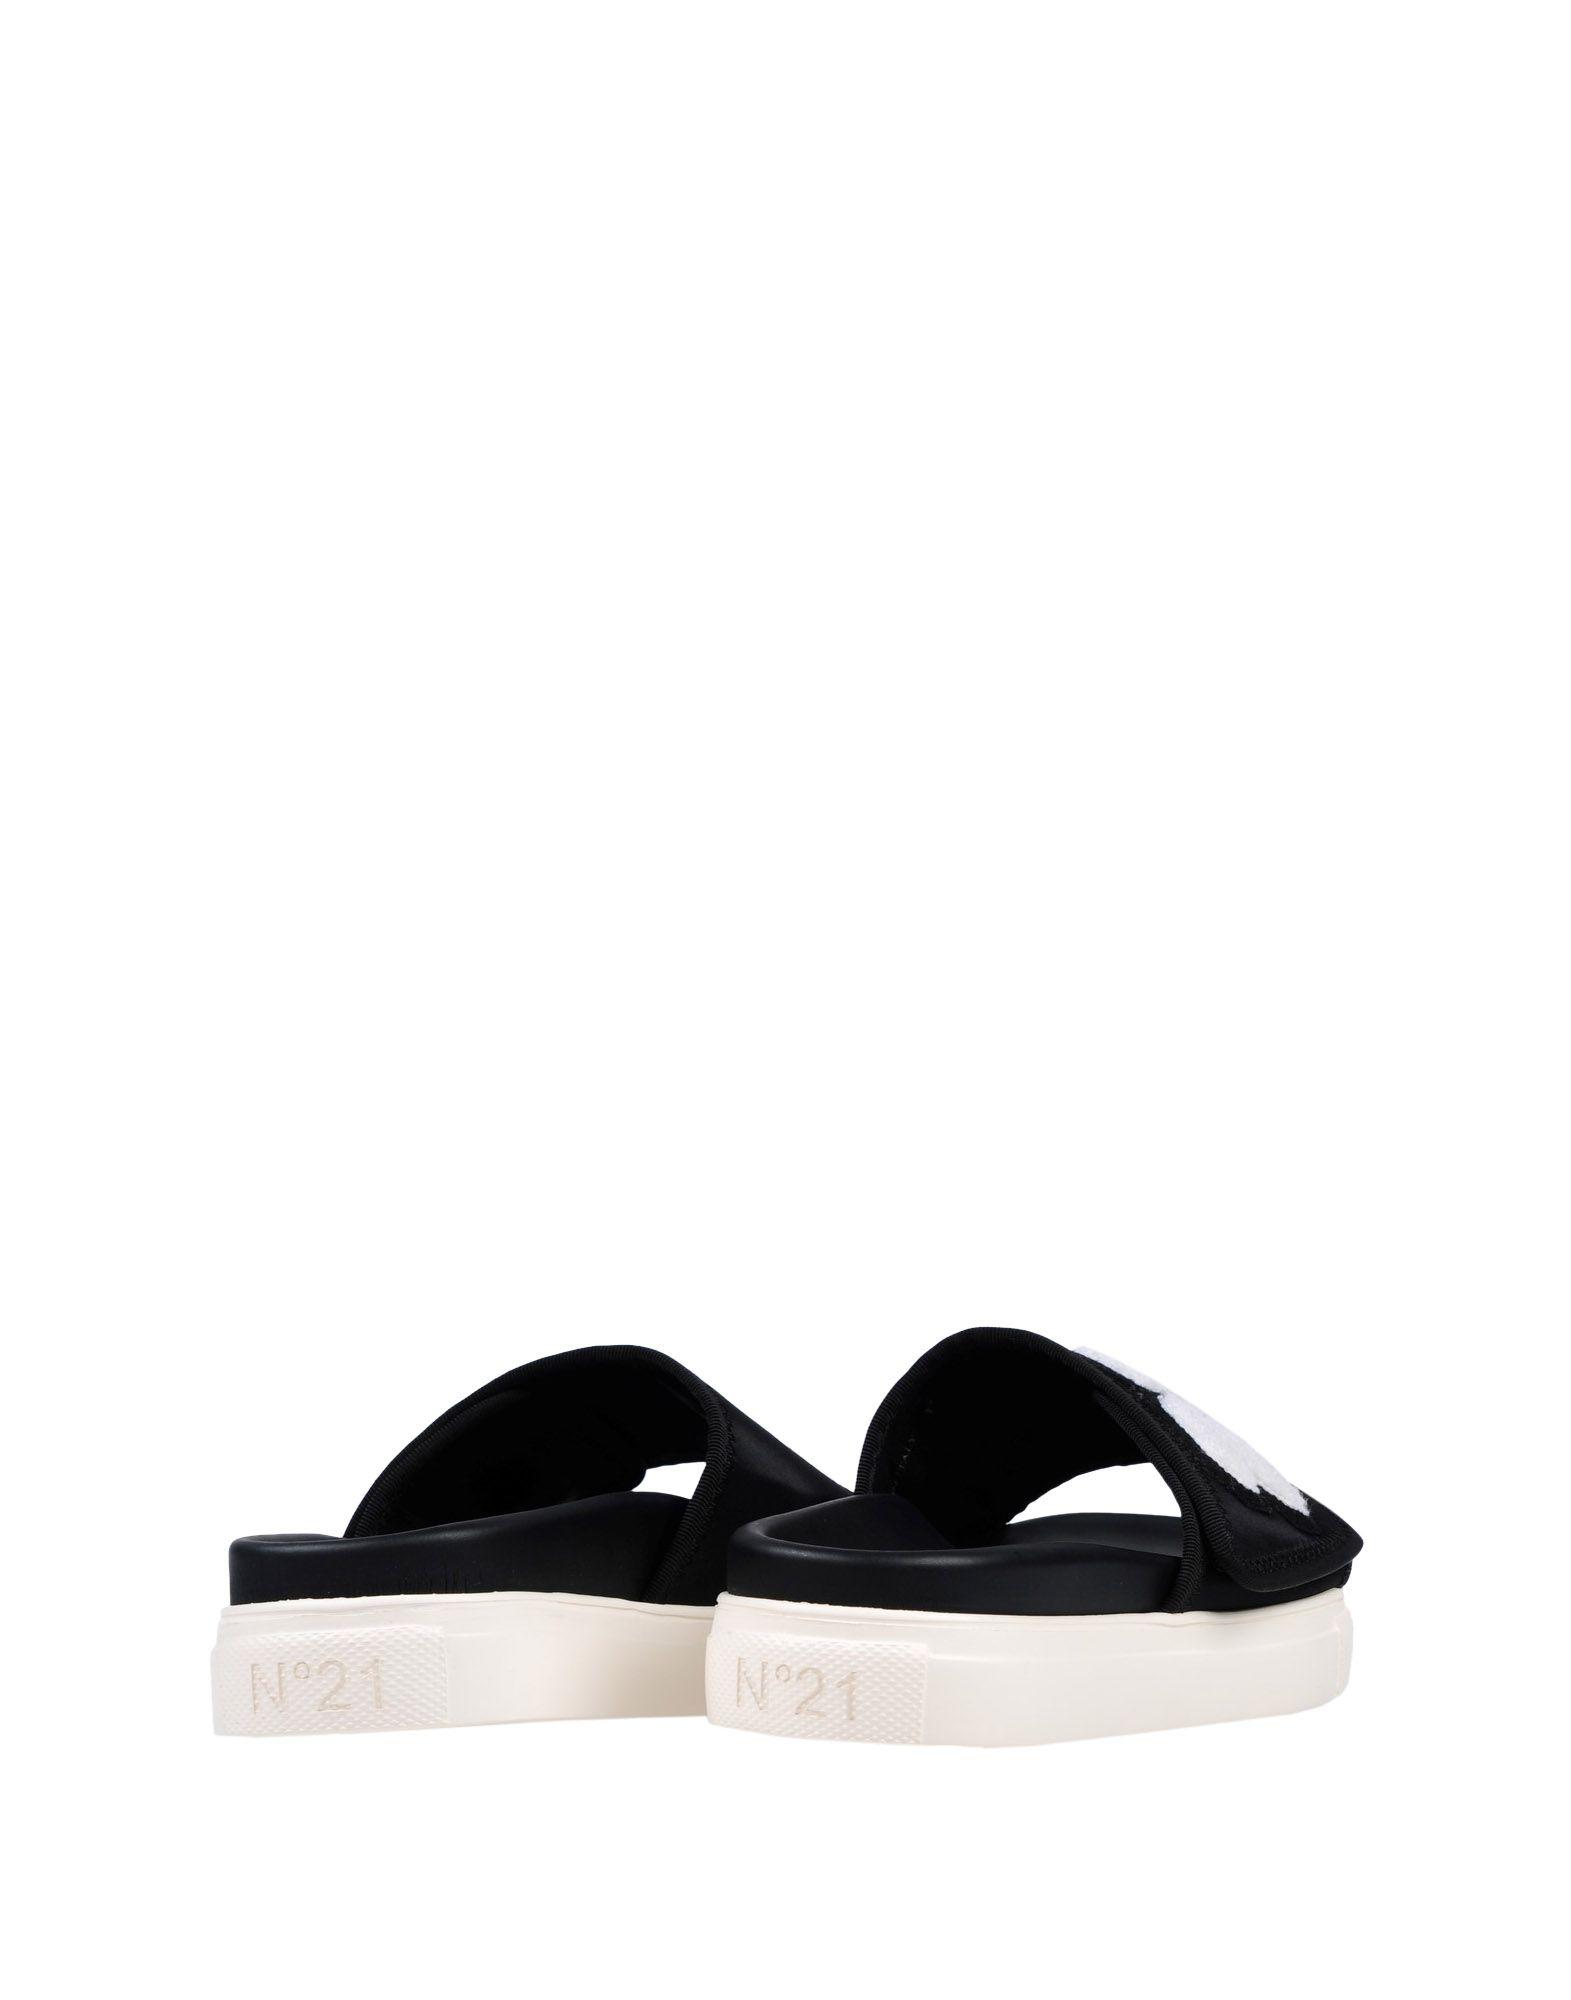 N° 21 Gute Sandalen Damen  11412994SF Gute 21 Qualität beliebte Schuhe 7d6475